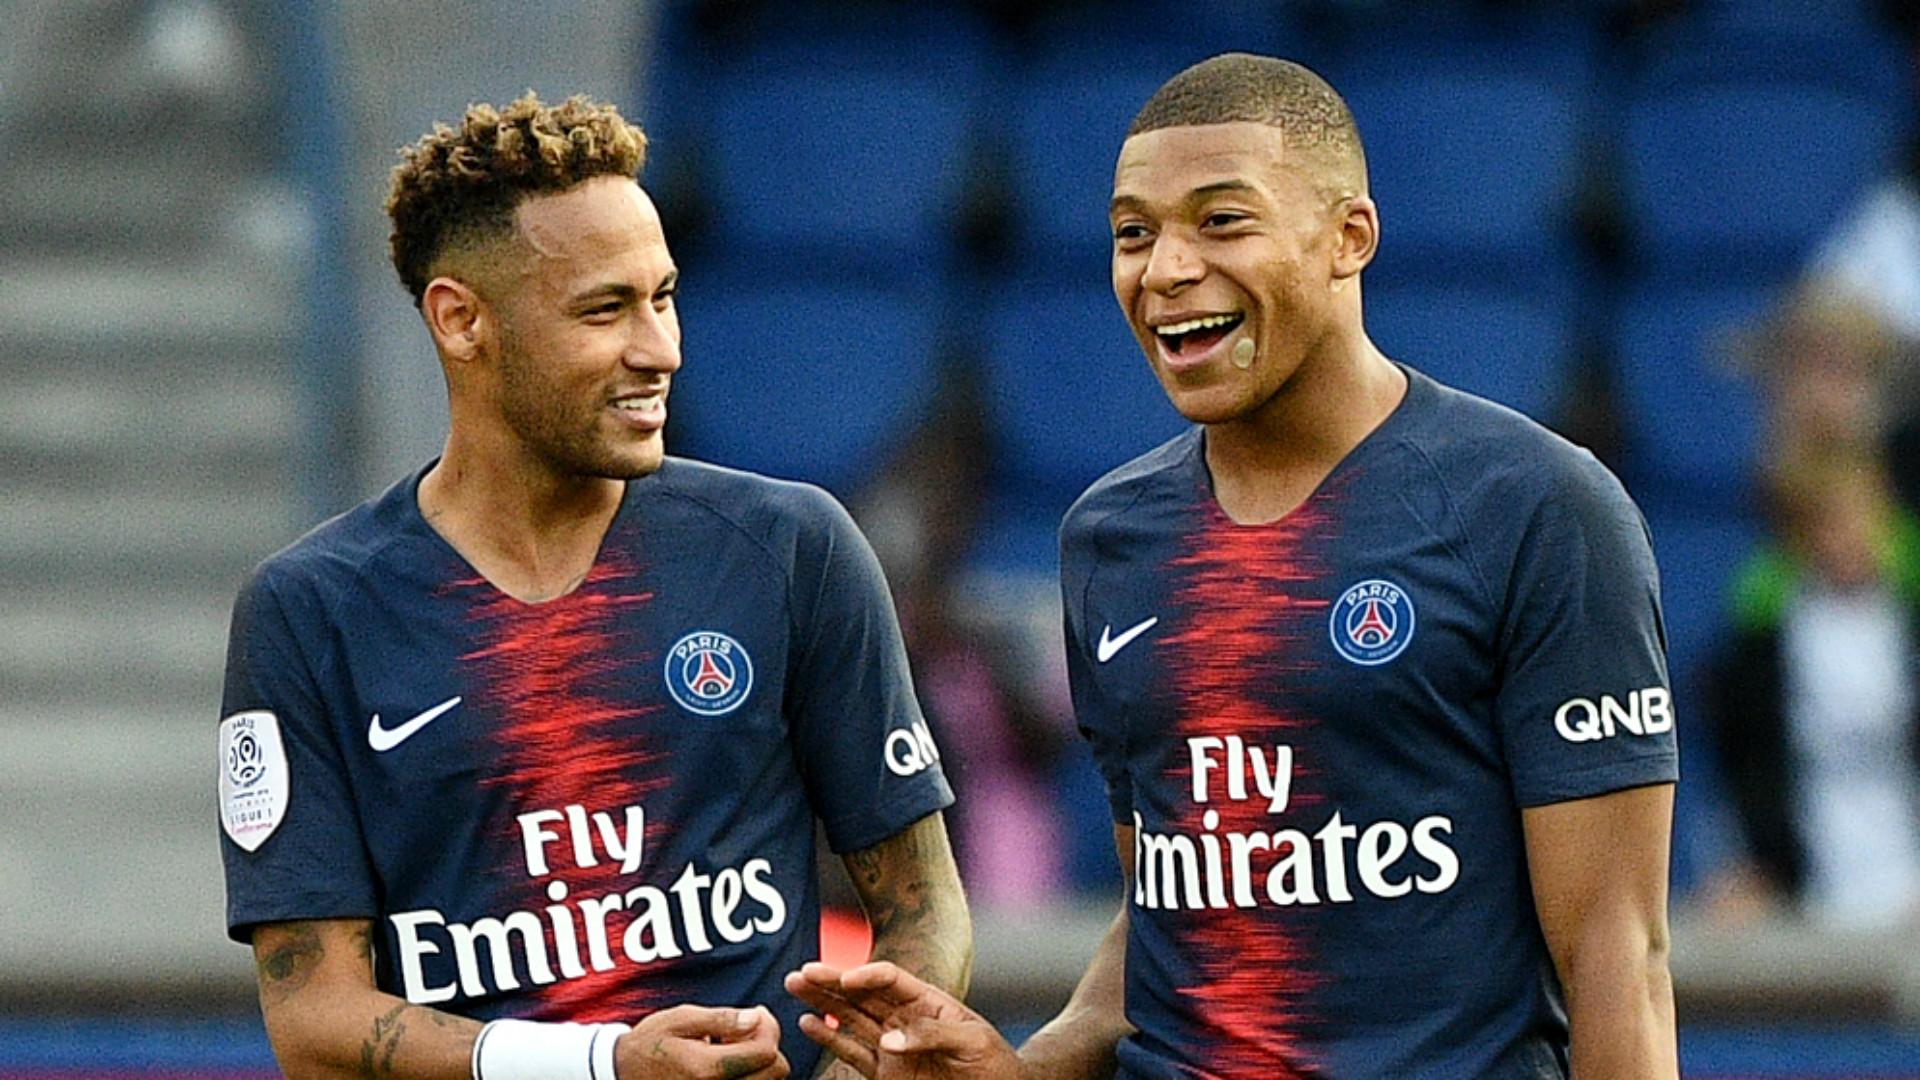 NNN: La lesión del esguince de tobillo del delantero Paris St-Germain (PSG), Kylian Mbappe, será reevaluada dentro de tres días, dijeron el sábado los campeones de la Ligue 1. Mbappe sufrió un esguince de tobillo en la victoria final de la Copa de Francia del viernes sobre St Etienne. Una dura entrada de Loic Perrin […]